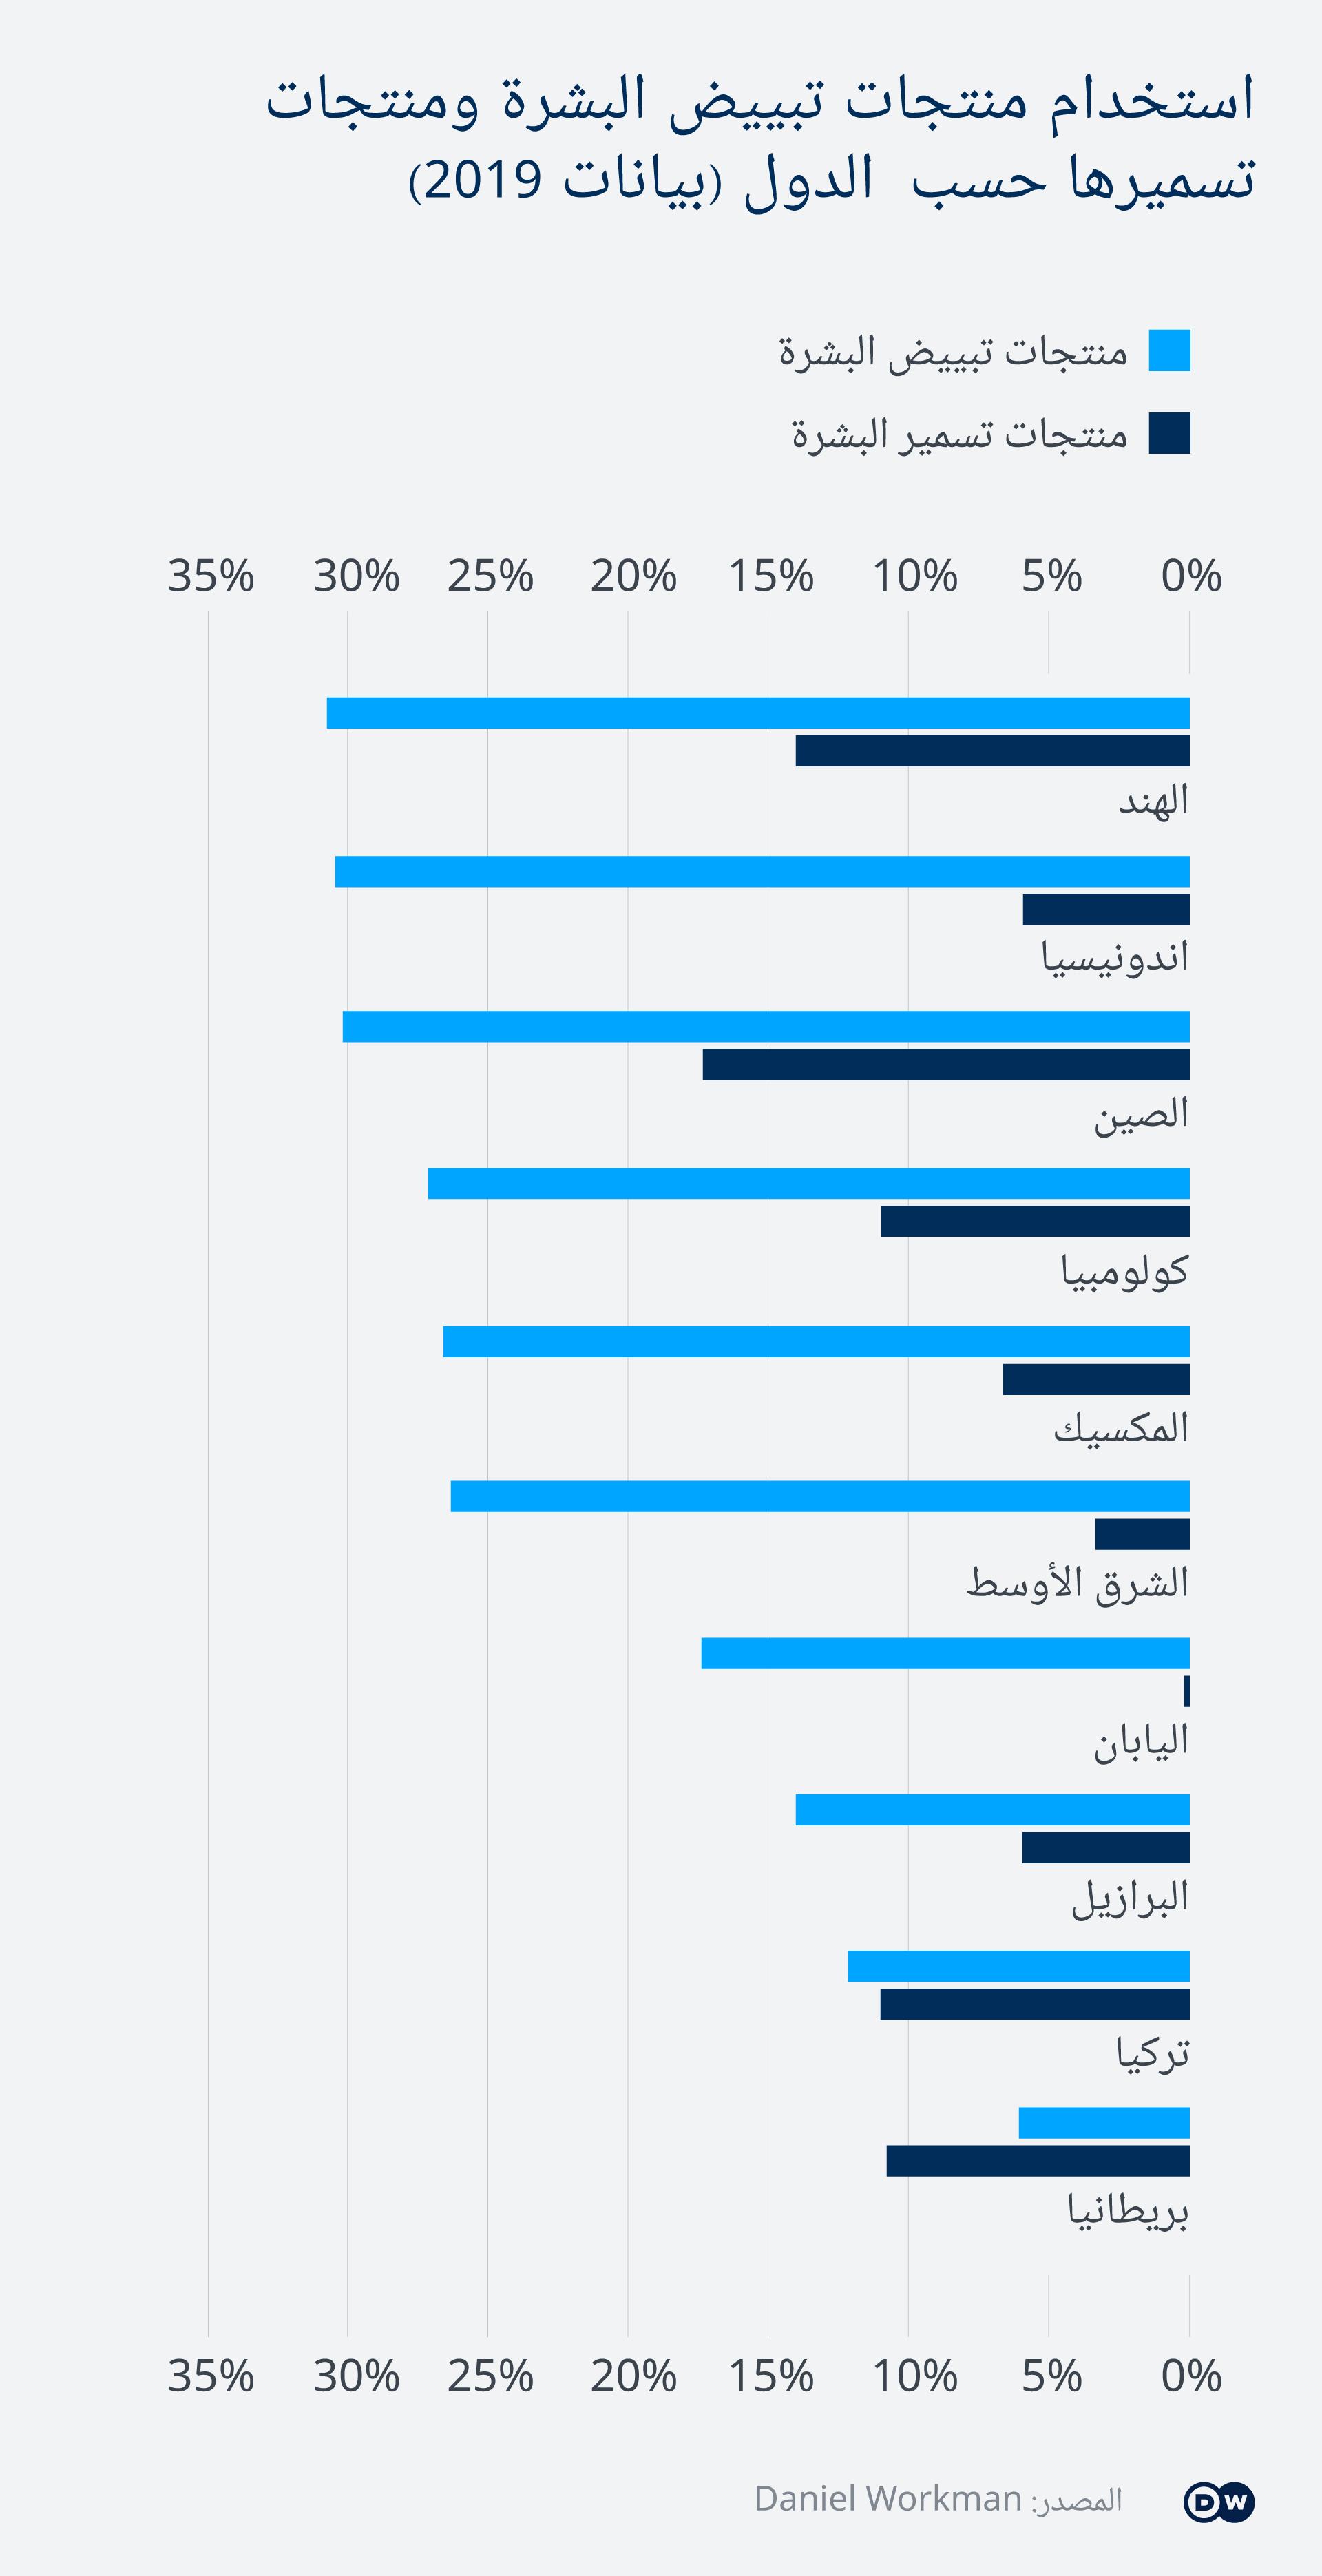 تبييض البشرة السمراء ـ خبراء ألمان يدقون ناقوس الخطر Deutsche Welle في حملات تسويق ضخمة تعد شركات التجميل زبائنها بمستحضرات قادرة عل Bar Chart Chart Magazine